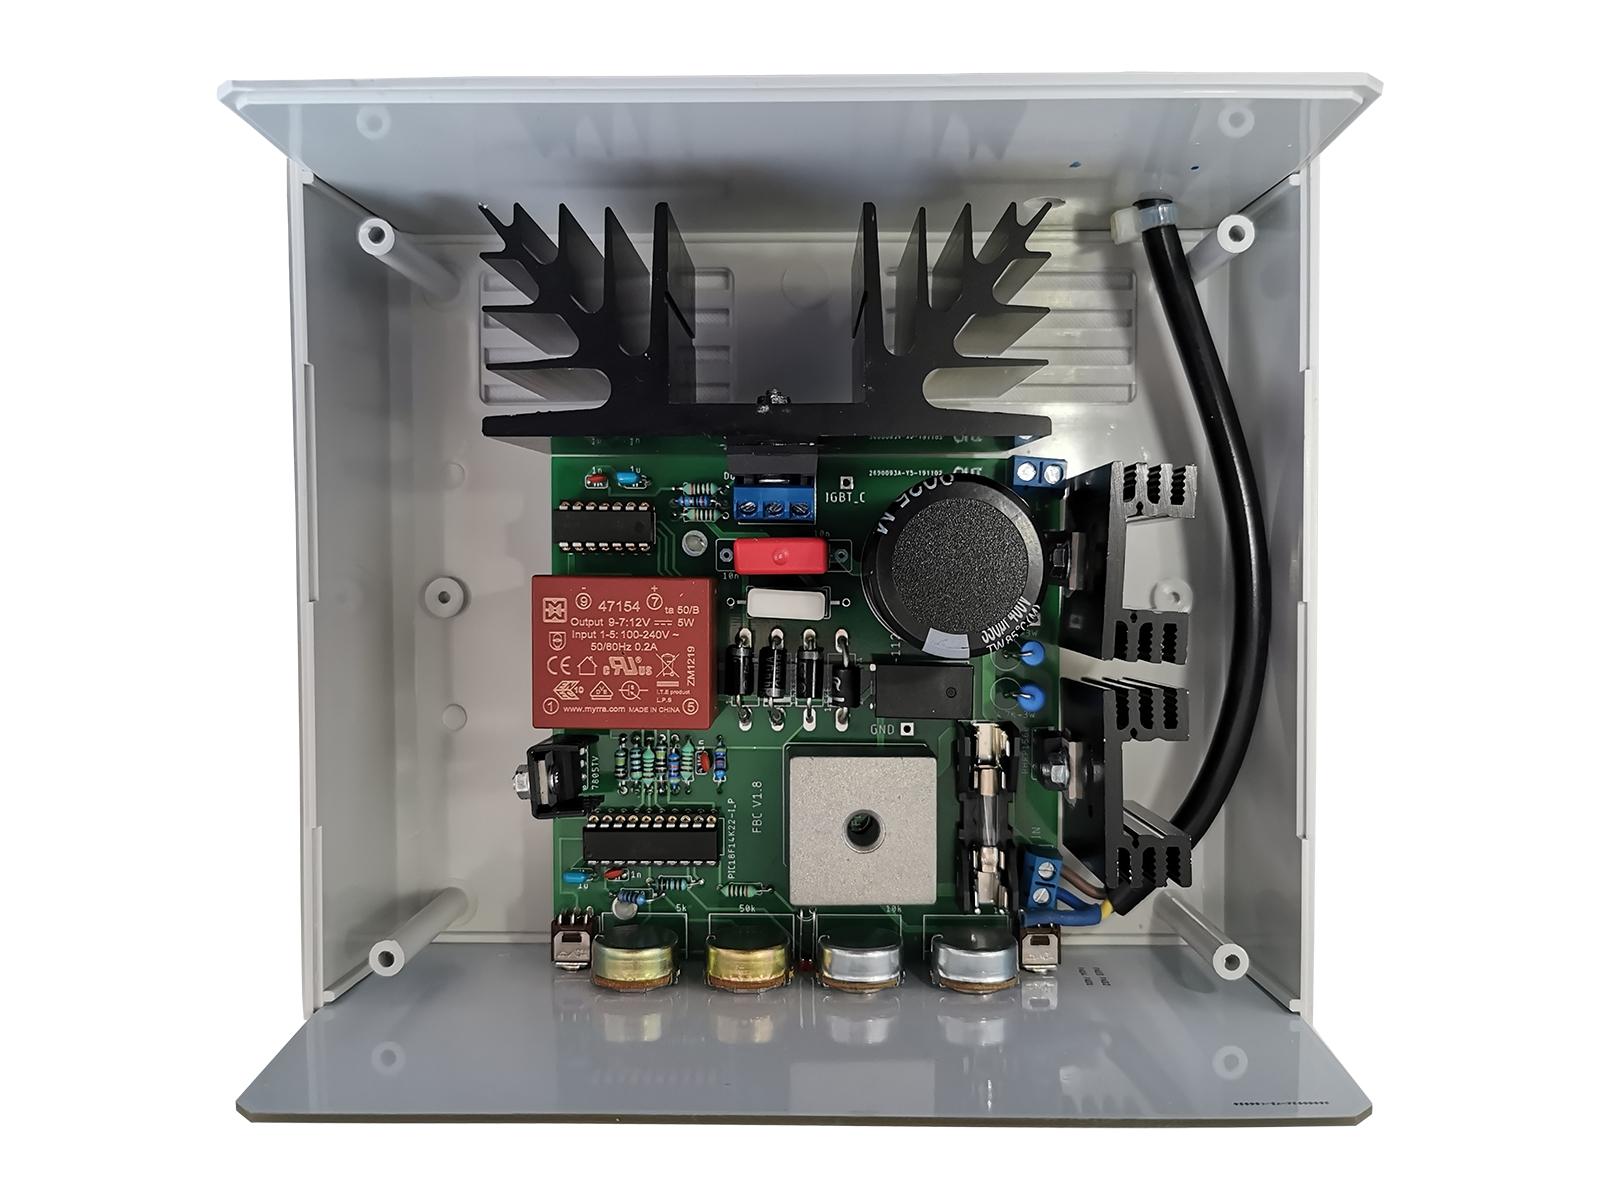 fbc-v1-8-top-terszobraszat-flyback-controller-ingyen-energia Flyback Controller V1.8